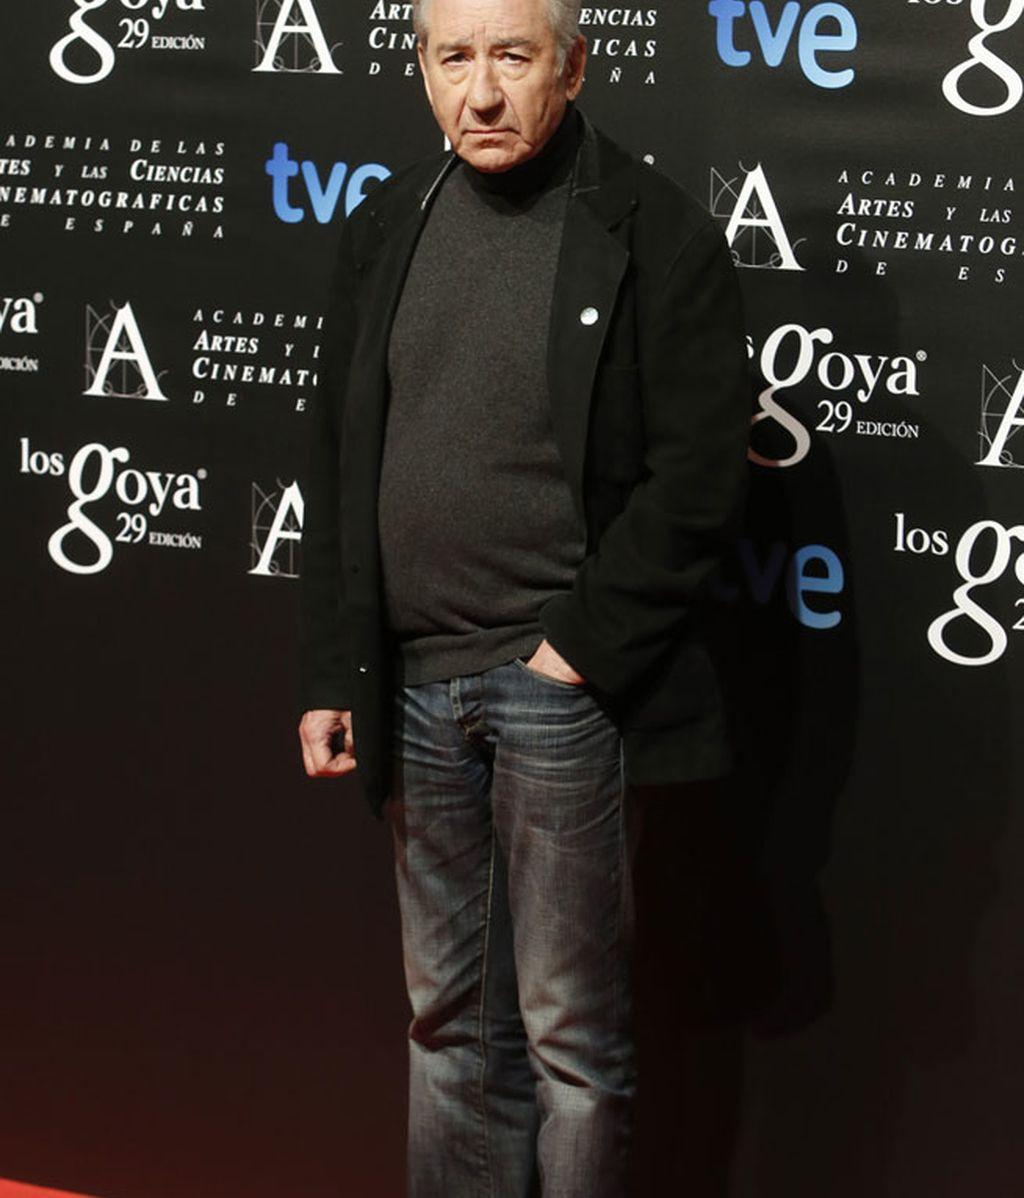 El actor Pepe Sacristán entre los invitados a la fiesta